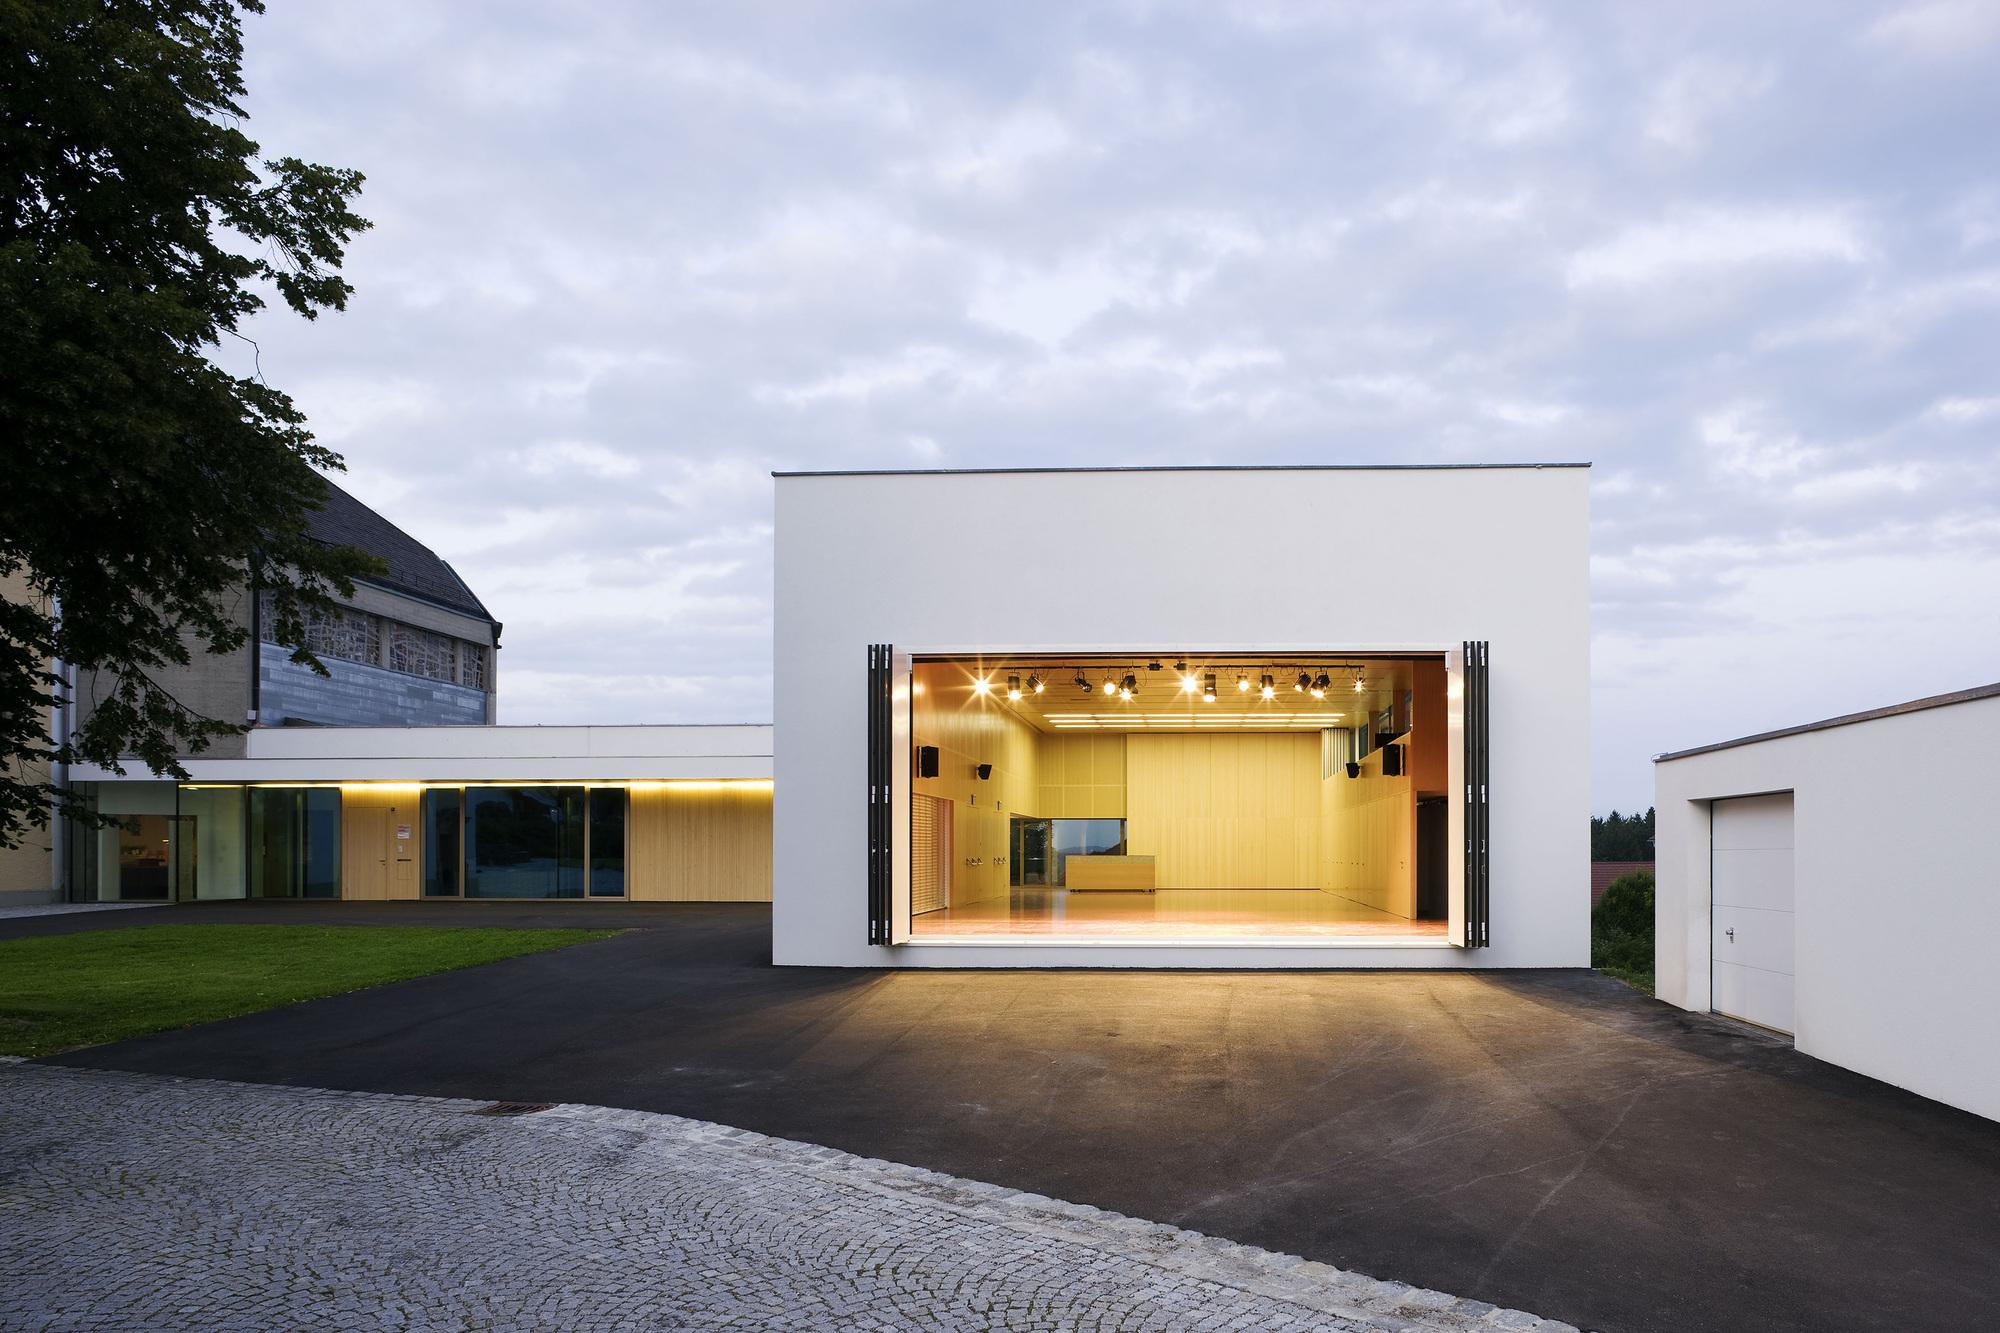 Centro Paroquial Kirschlag / Schneider & Lengauer, © Paul Ott